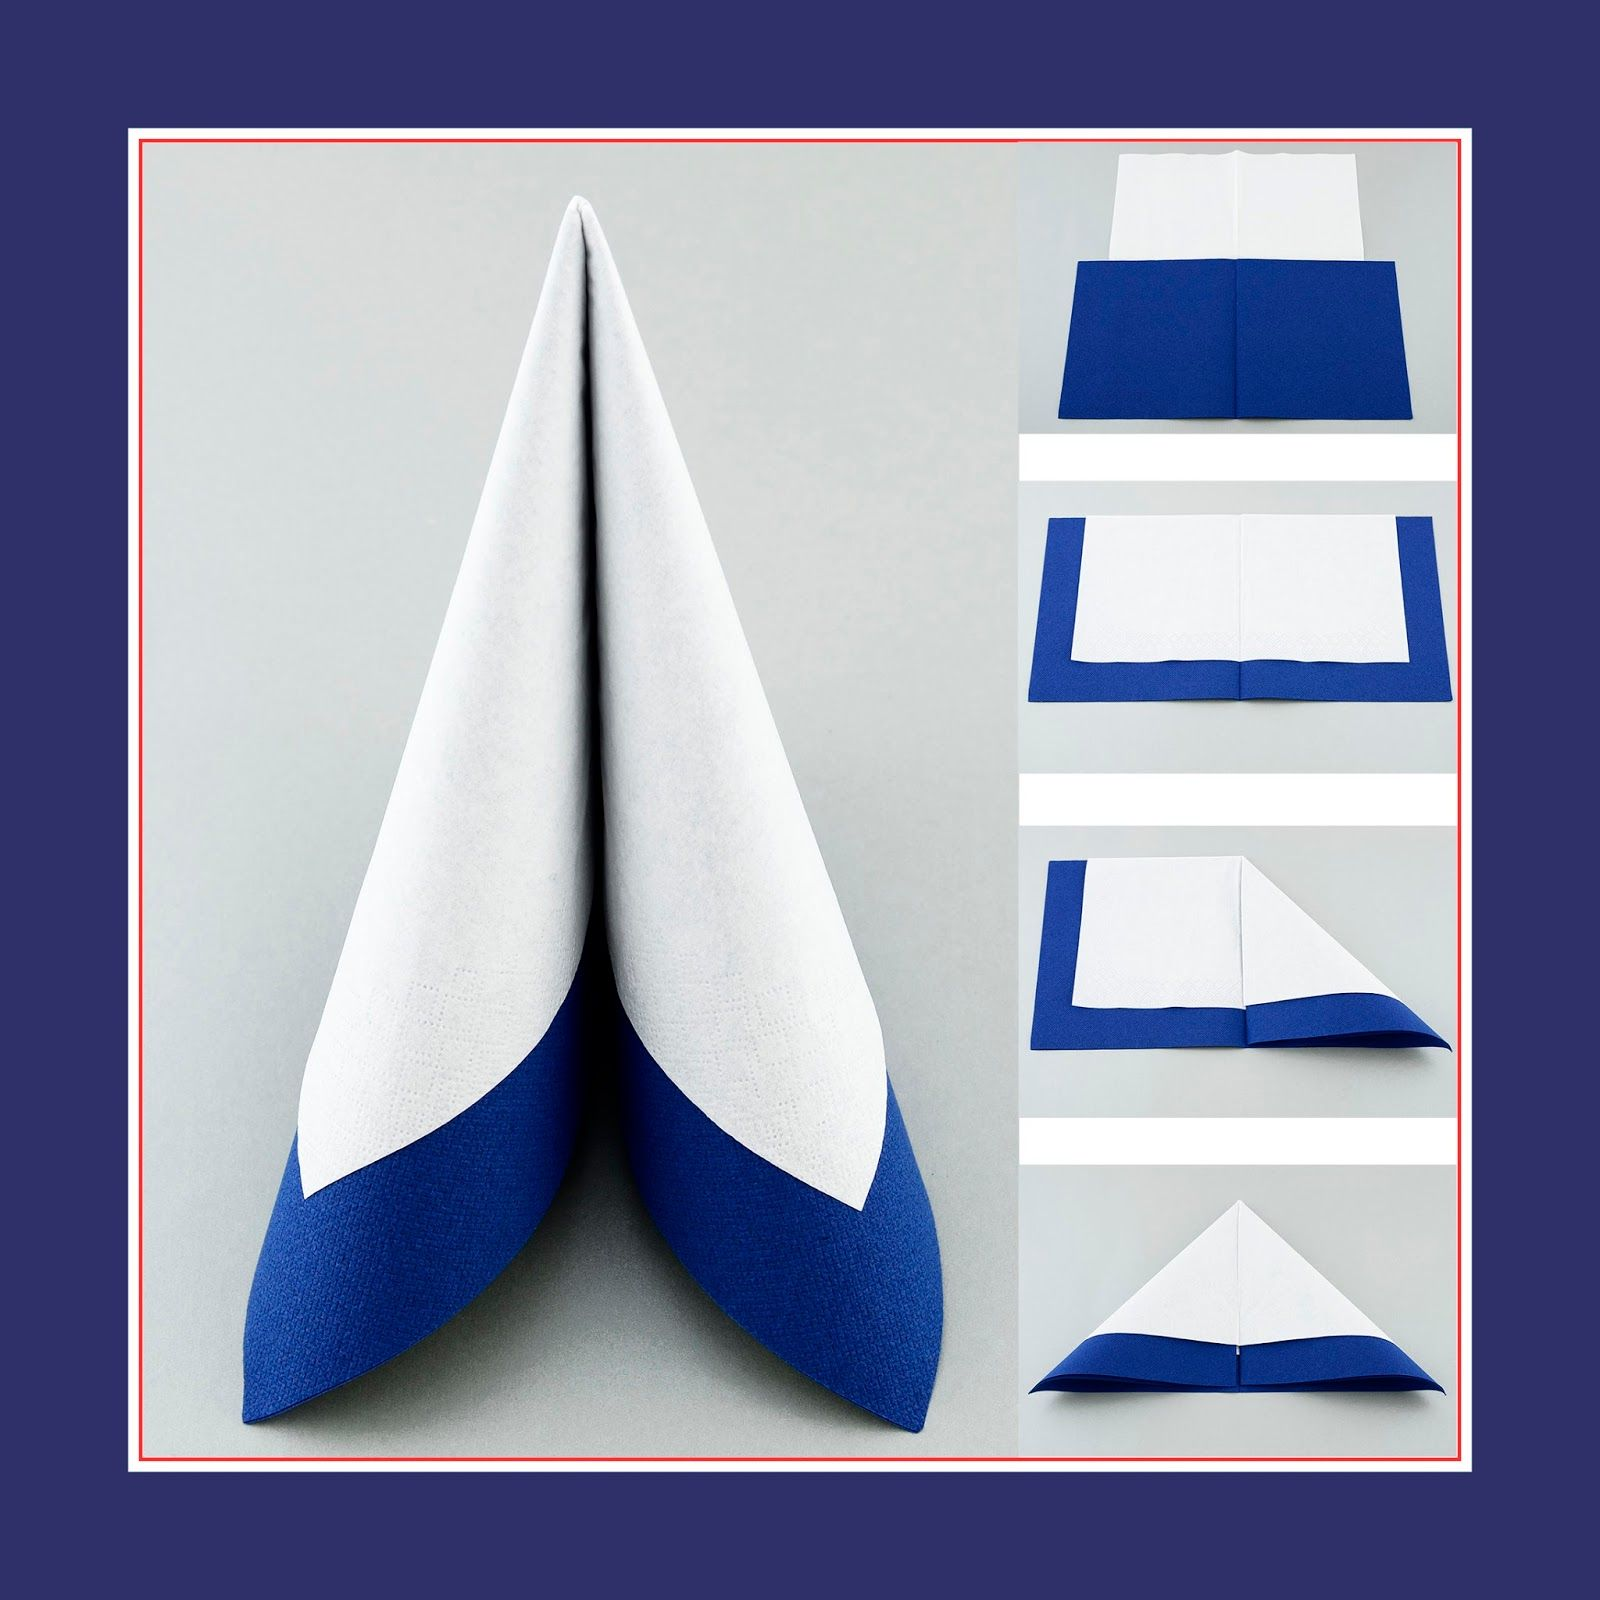 tafelspitz aus zwei servietten in farben weiss und blau servietten falten servietten falten. Black Bedroom Furniture Sets. Home Design Ideas